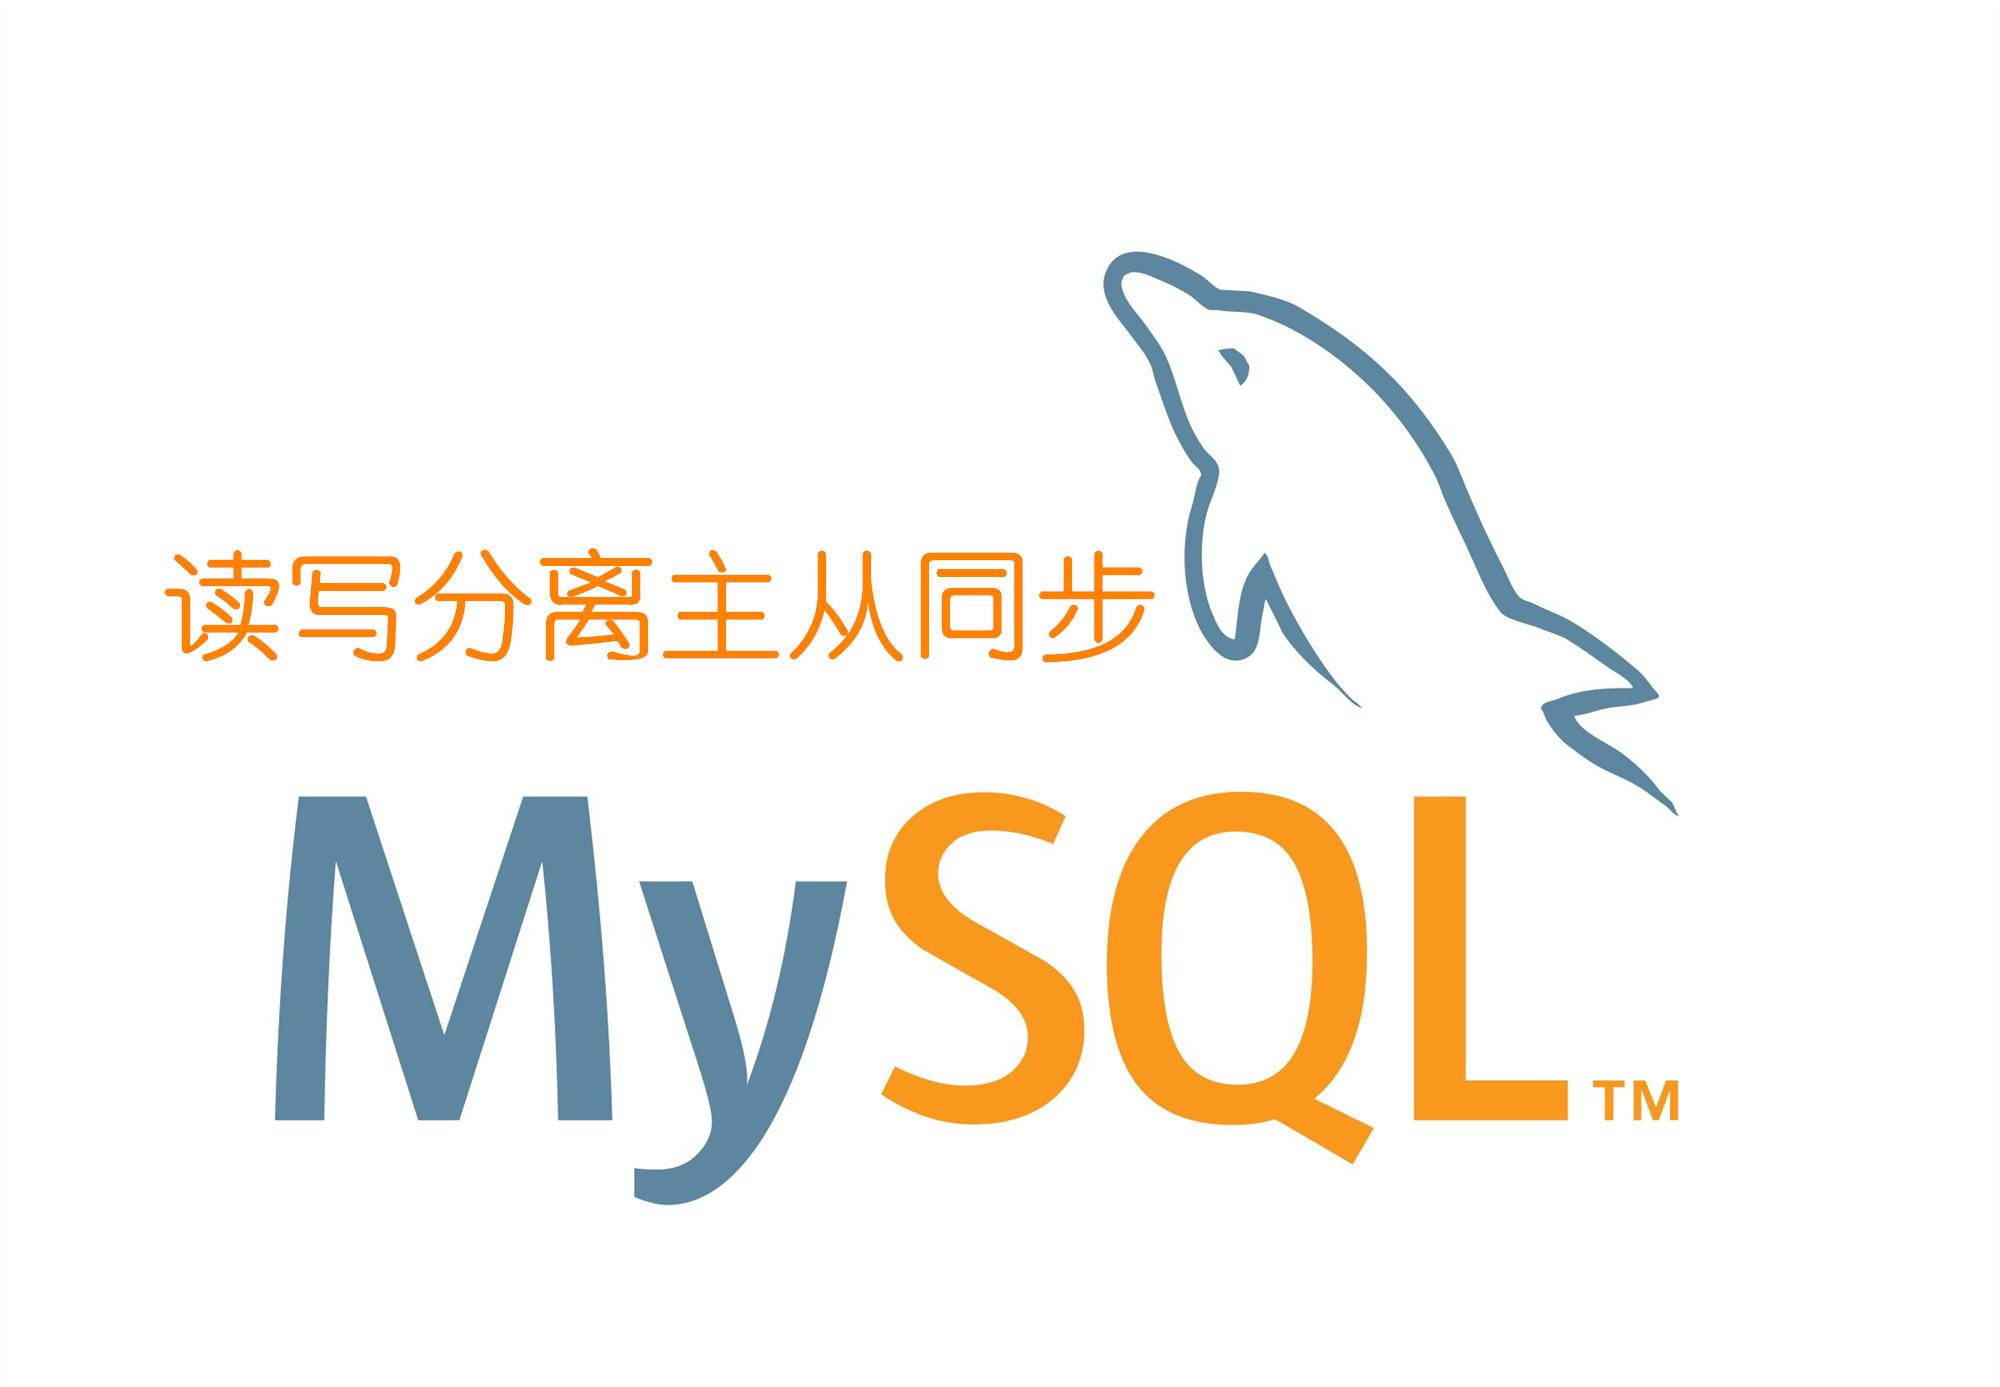 数据库优化【mysql 高并发读写分离】主从读写分离、分库分表